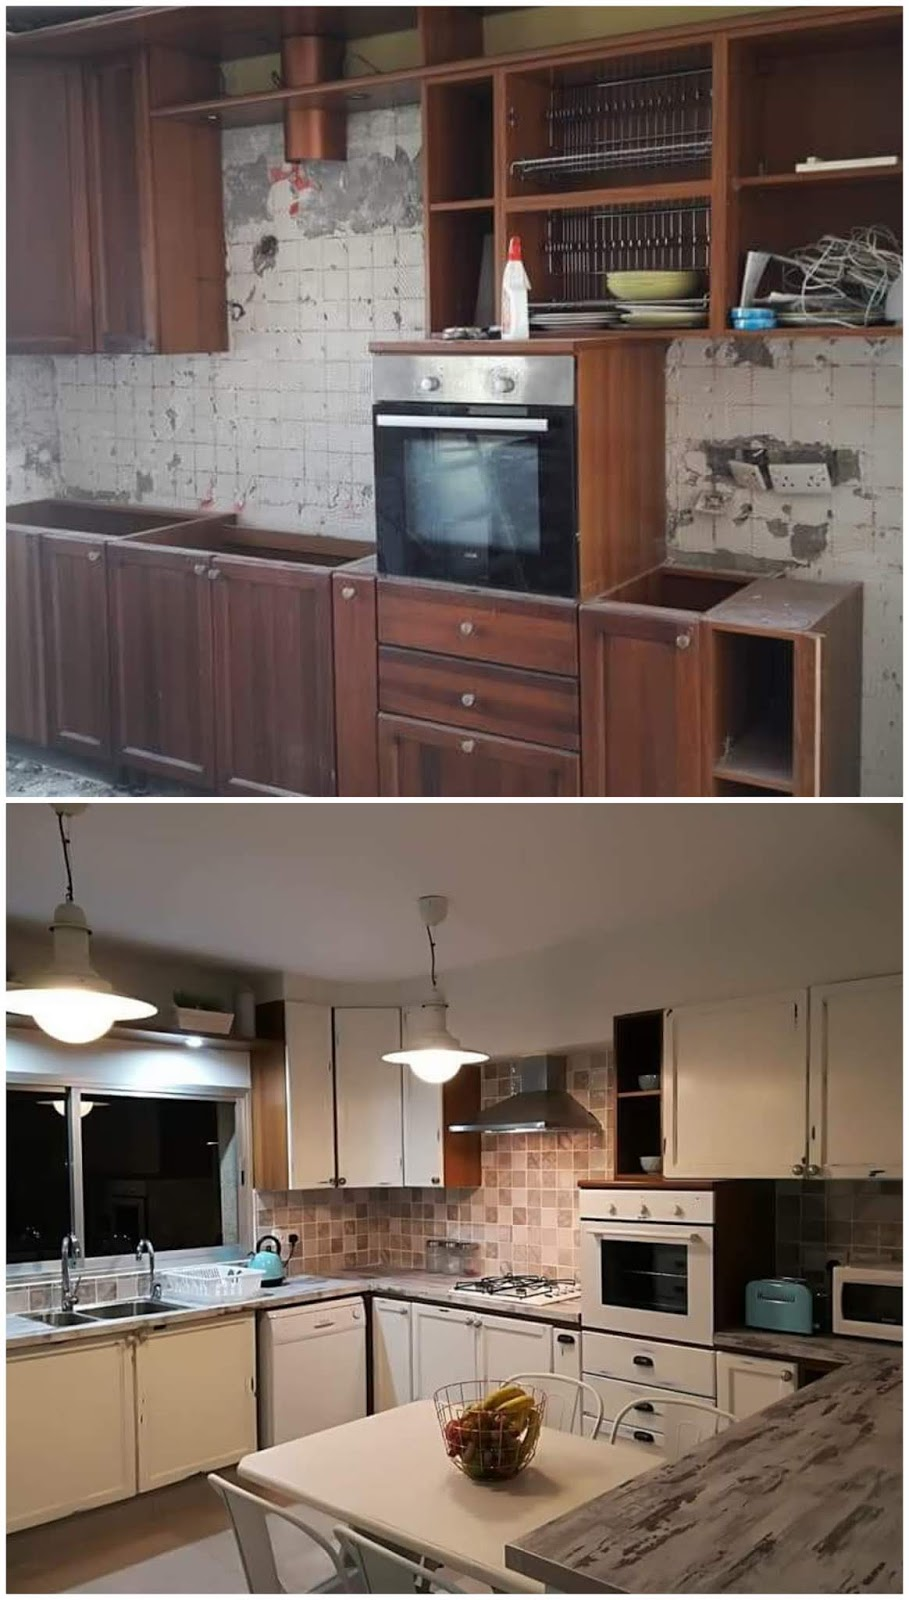 Αφιέρωμα: Κουζίνα! Έλα στην κουζίνα, βάζω καφέ! 3 Annie Sloan Greece